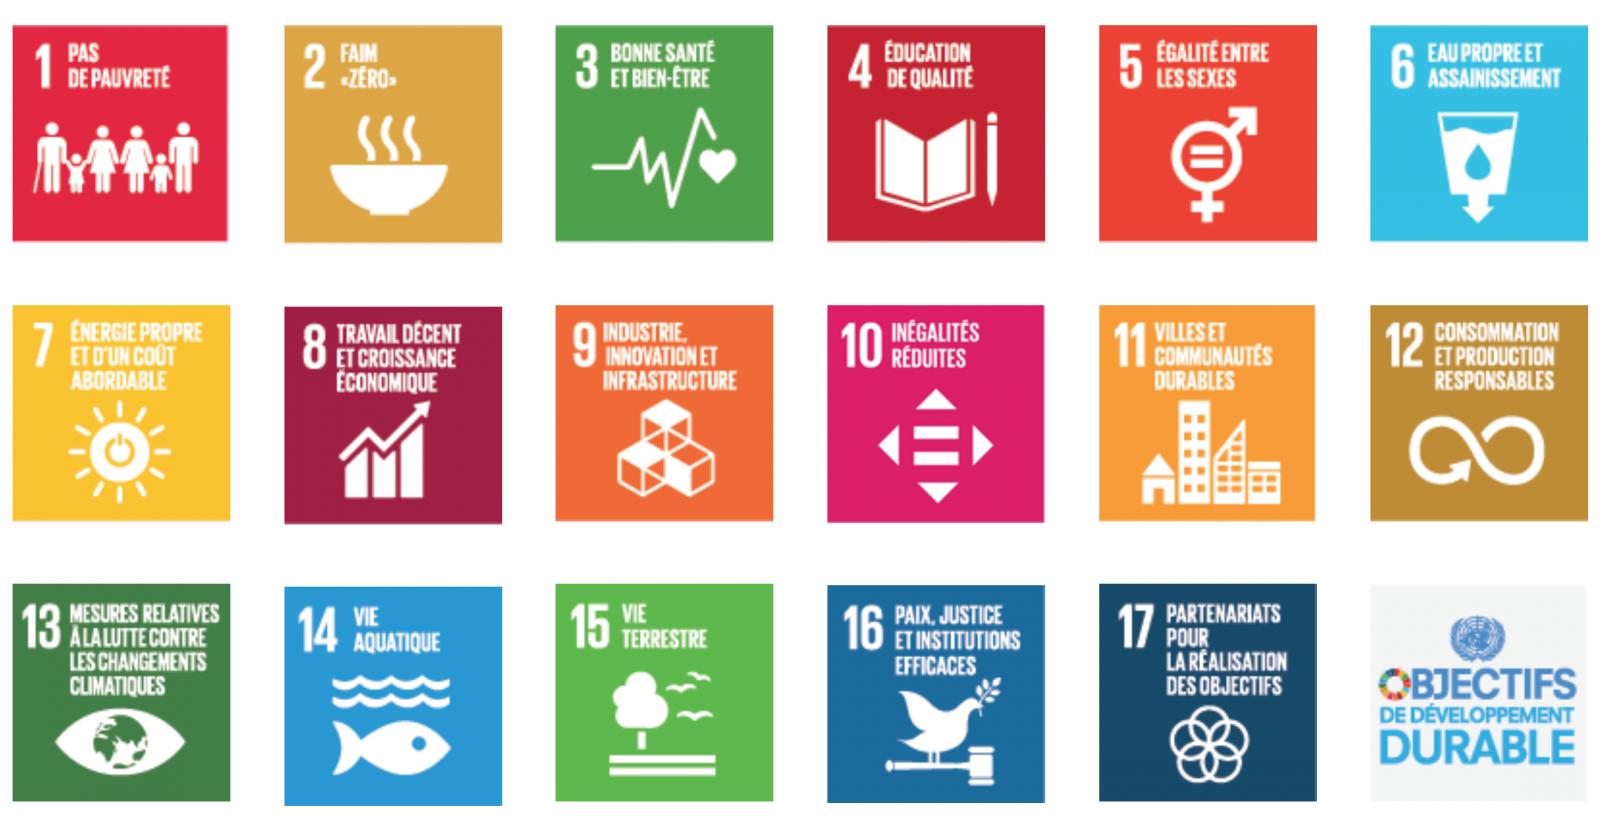 Les 17 objectifs de développement durable (ODD) à atteindre d'ici 2030.